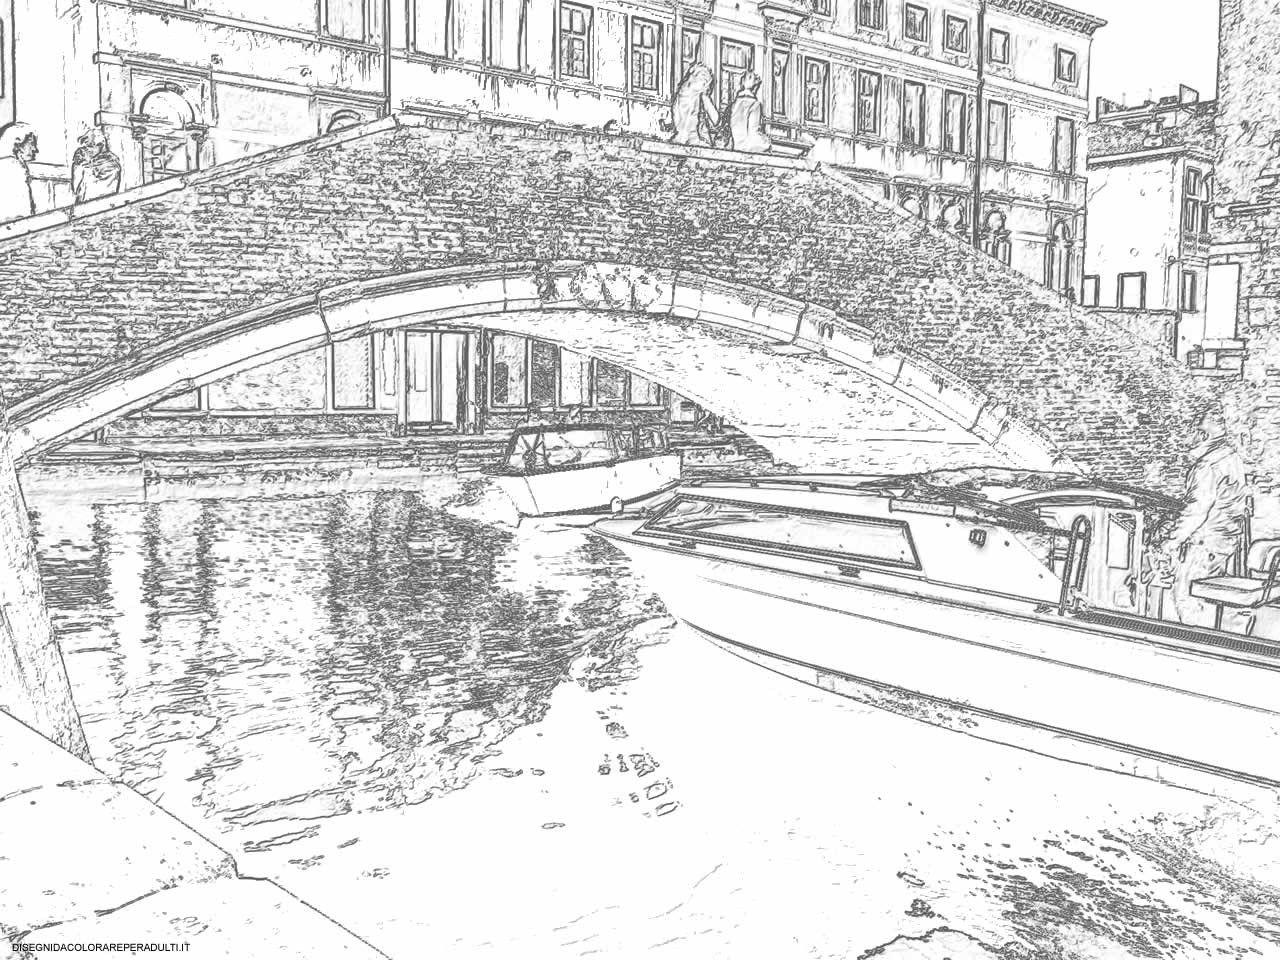 Disegni da colorare di venezia con disegni di paesaggi in for Disegni bianco e nero paesaggi